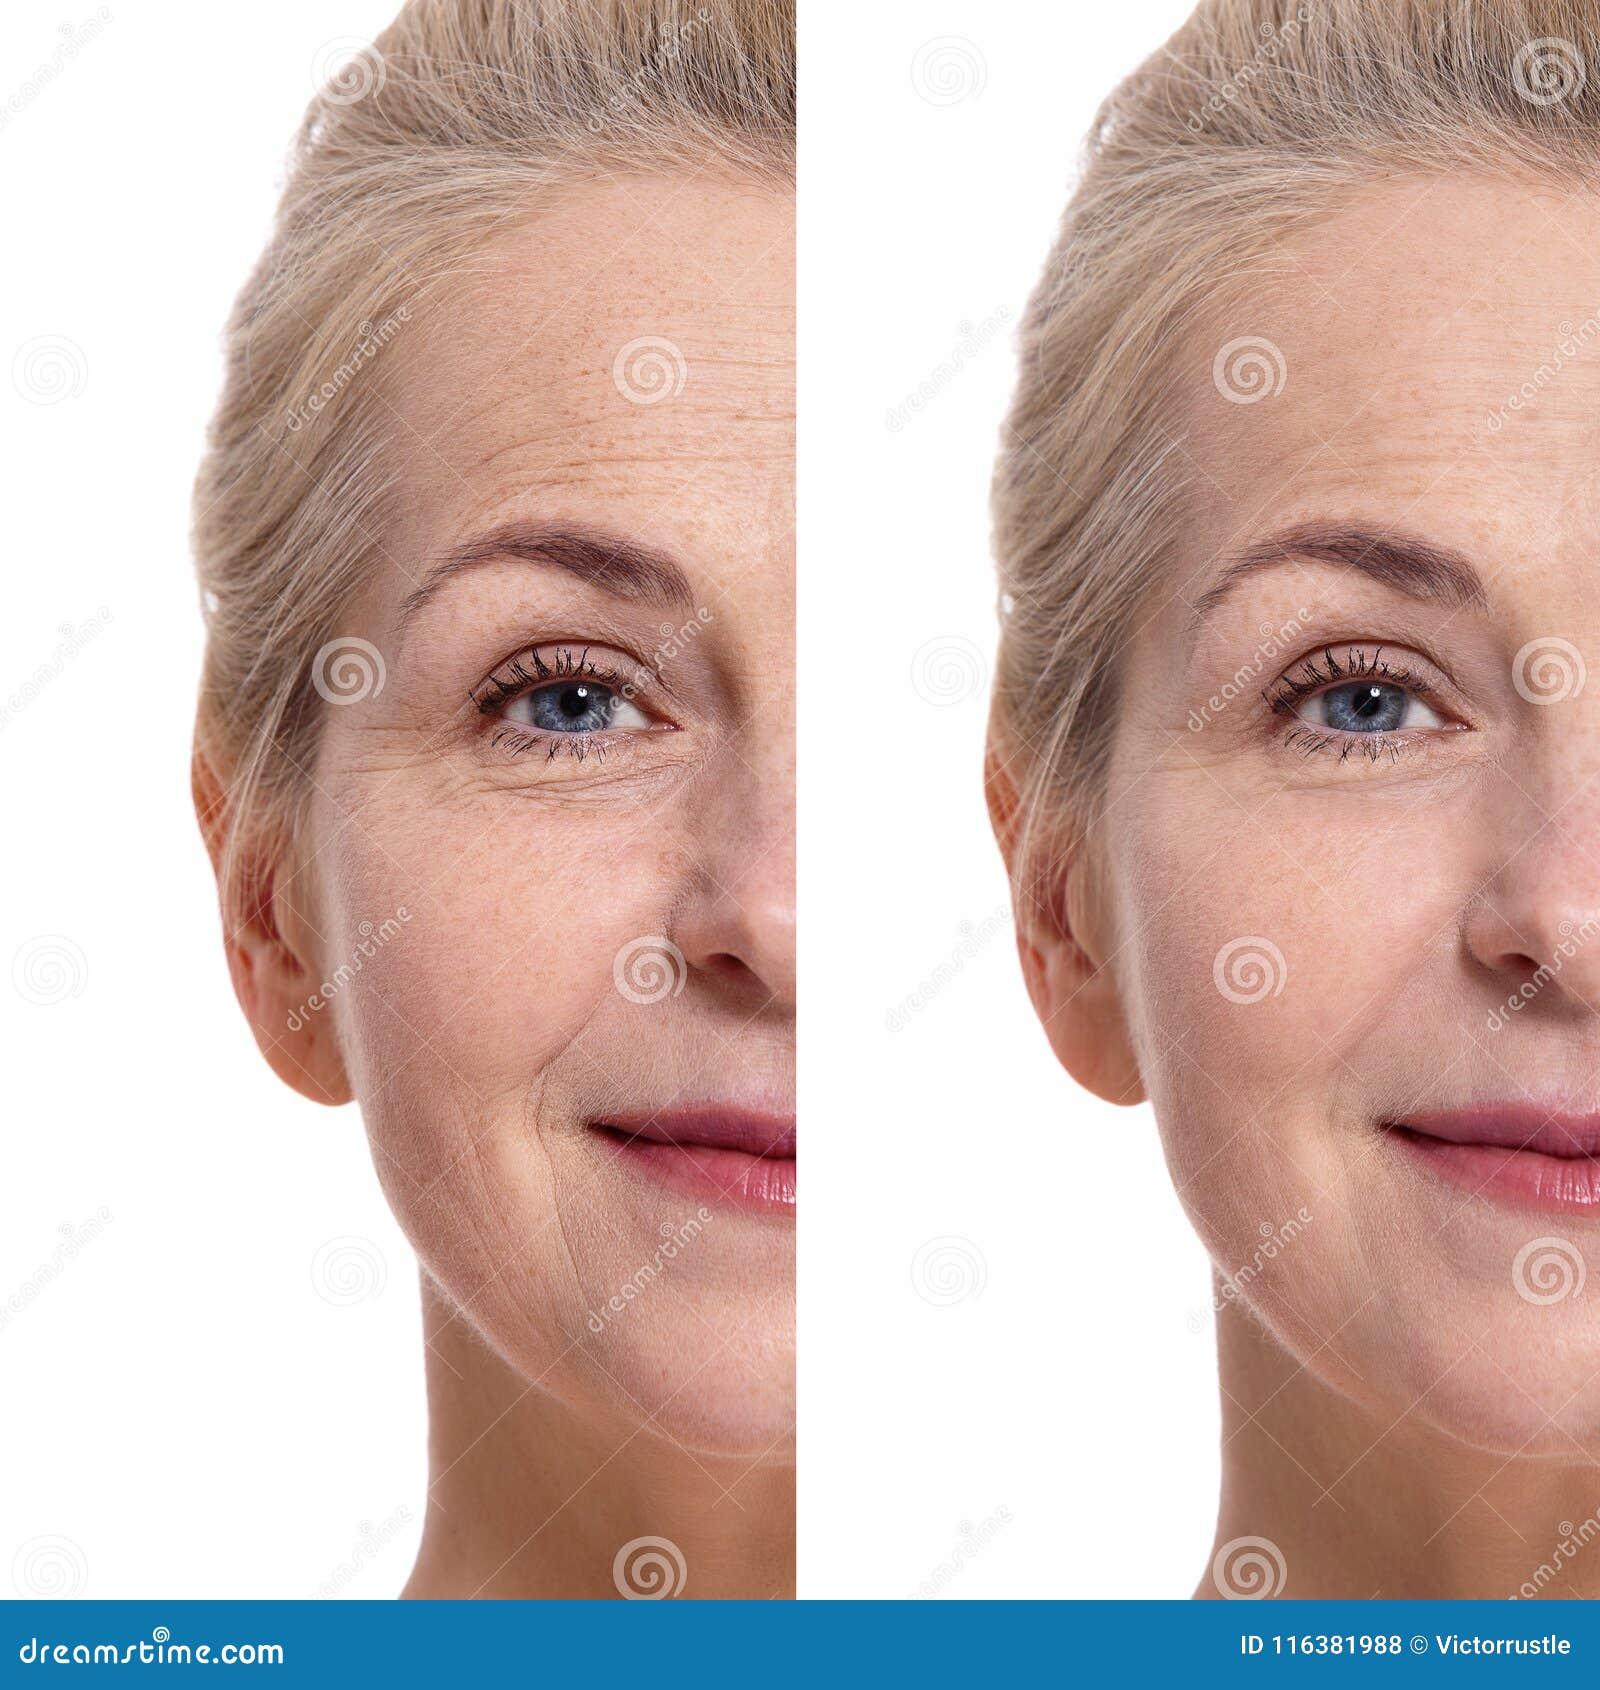 Mitt åldrades Oman vänder mot före och efter kosmetiskt tillvägagångssätt begrepp isolerad plastikkirurgiwhite